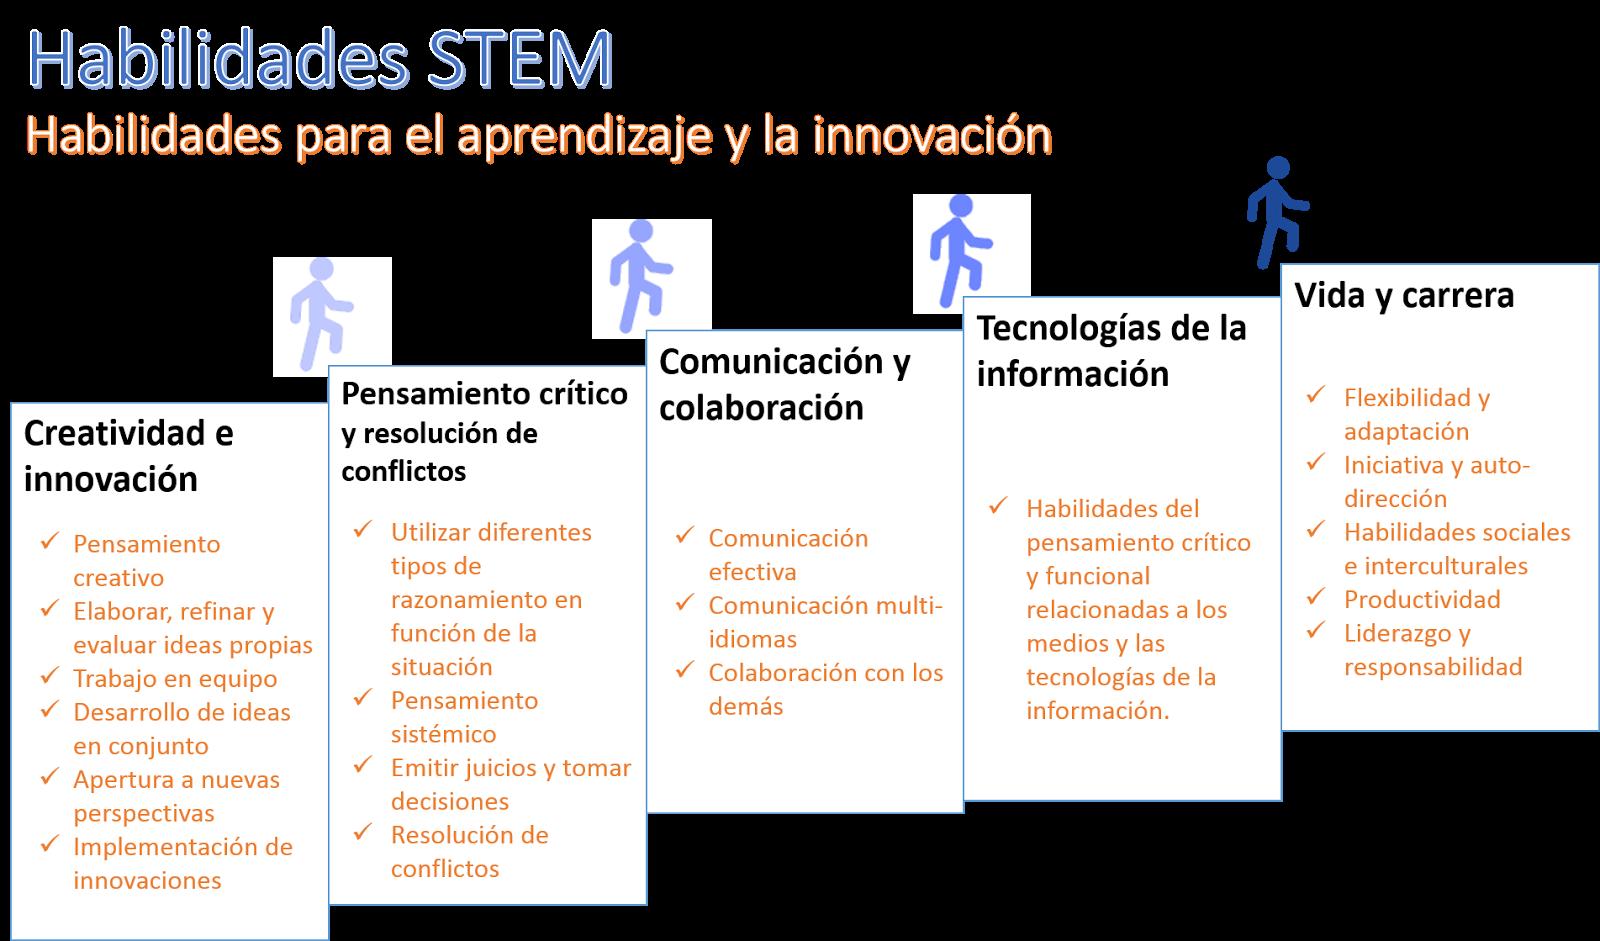 Las habilidades STEM | Pido Ayuda